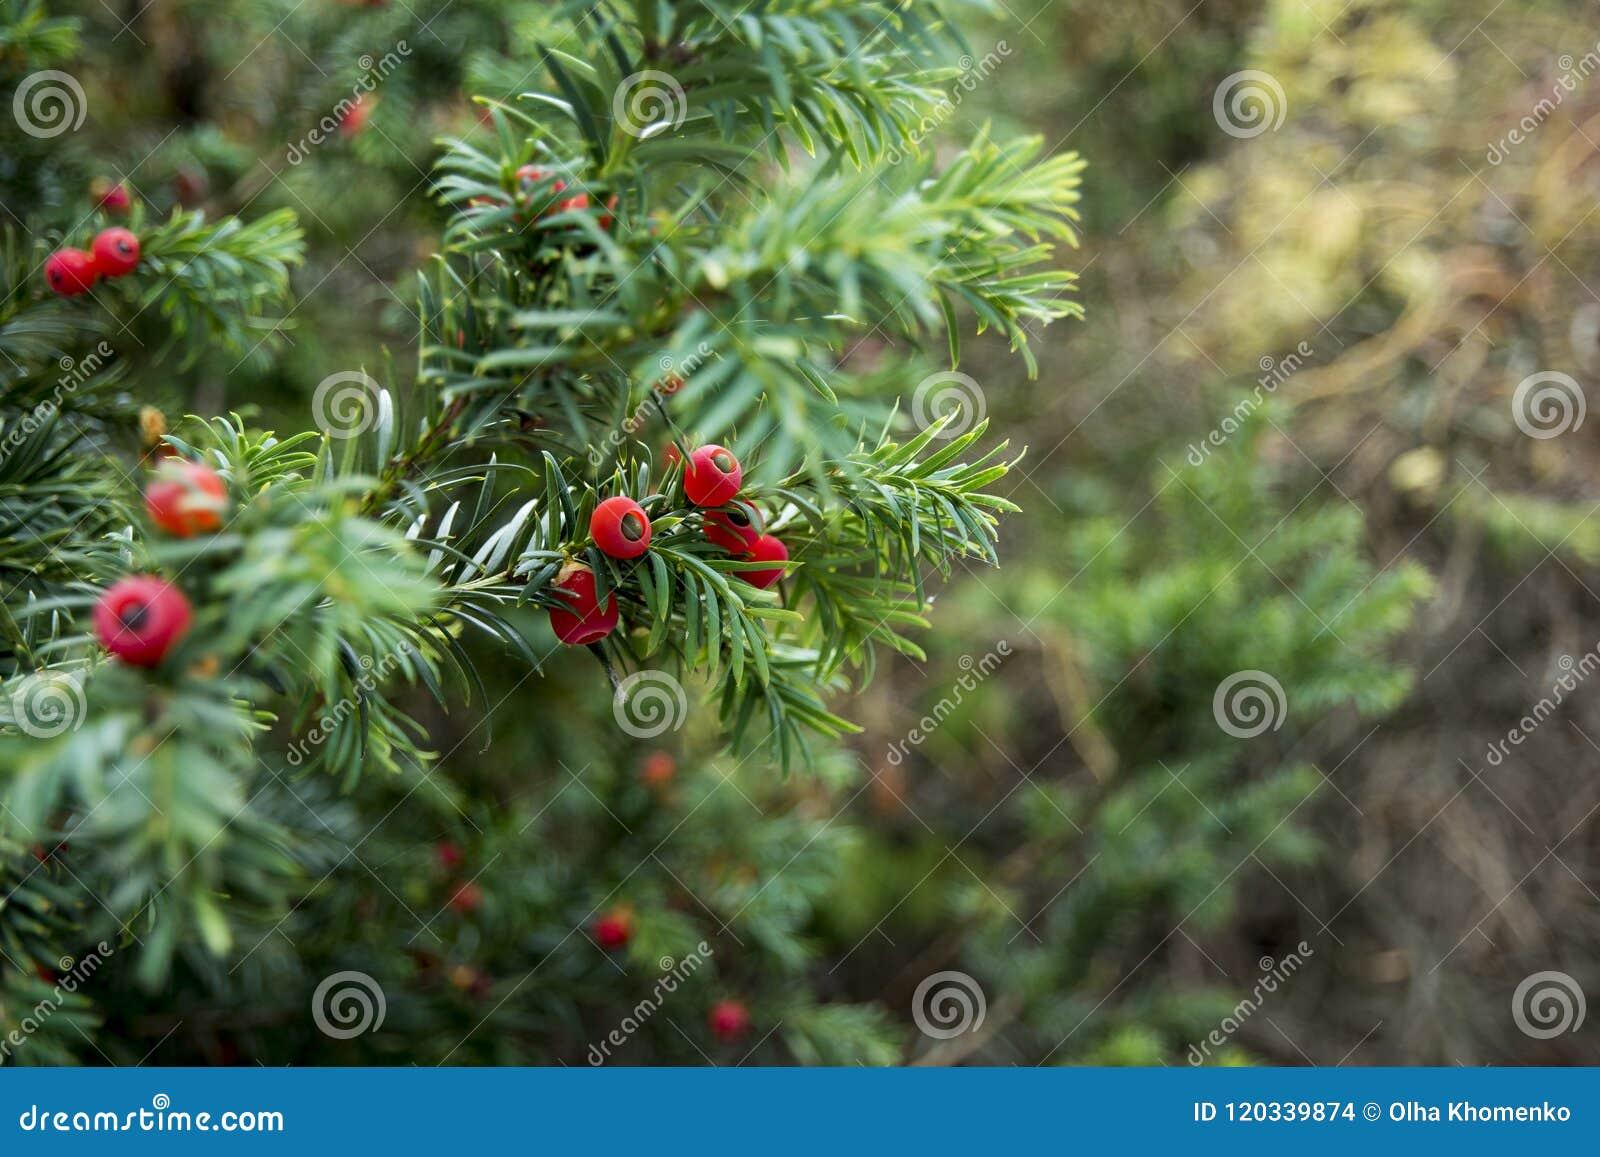 Albero Con Bacche Rosse rami verdi dell'albero del tasso con le bacche rosse